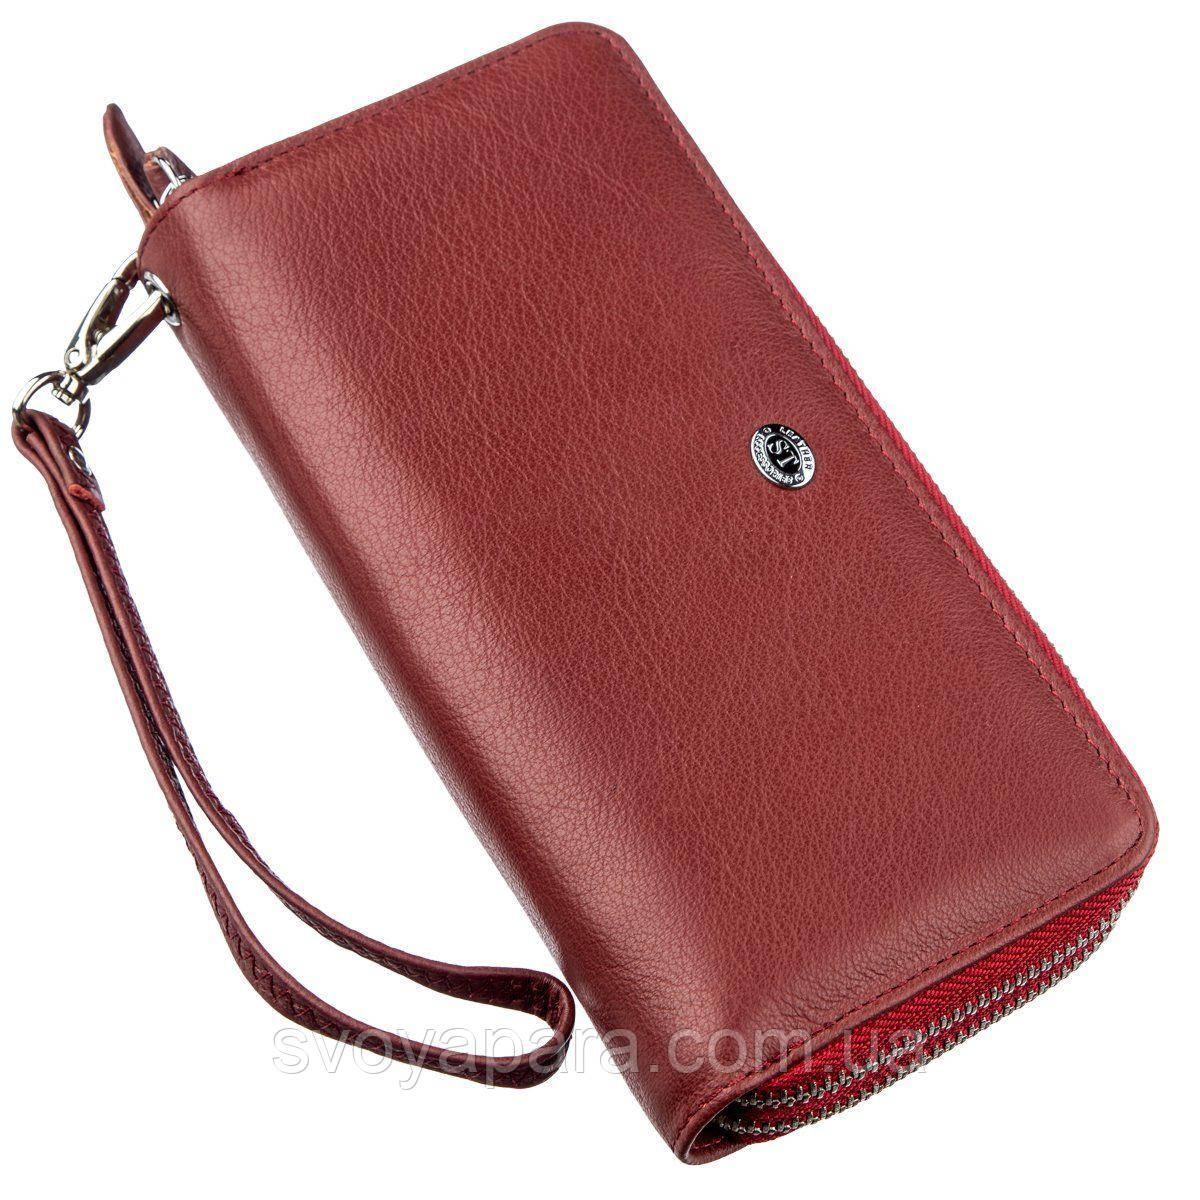 Многофункциональный кошелек-клатч для женщин ST Leather 18868 Красный